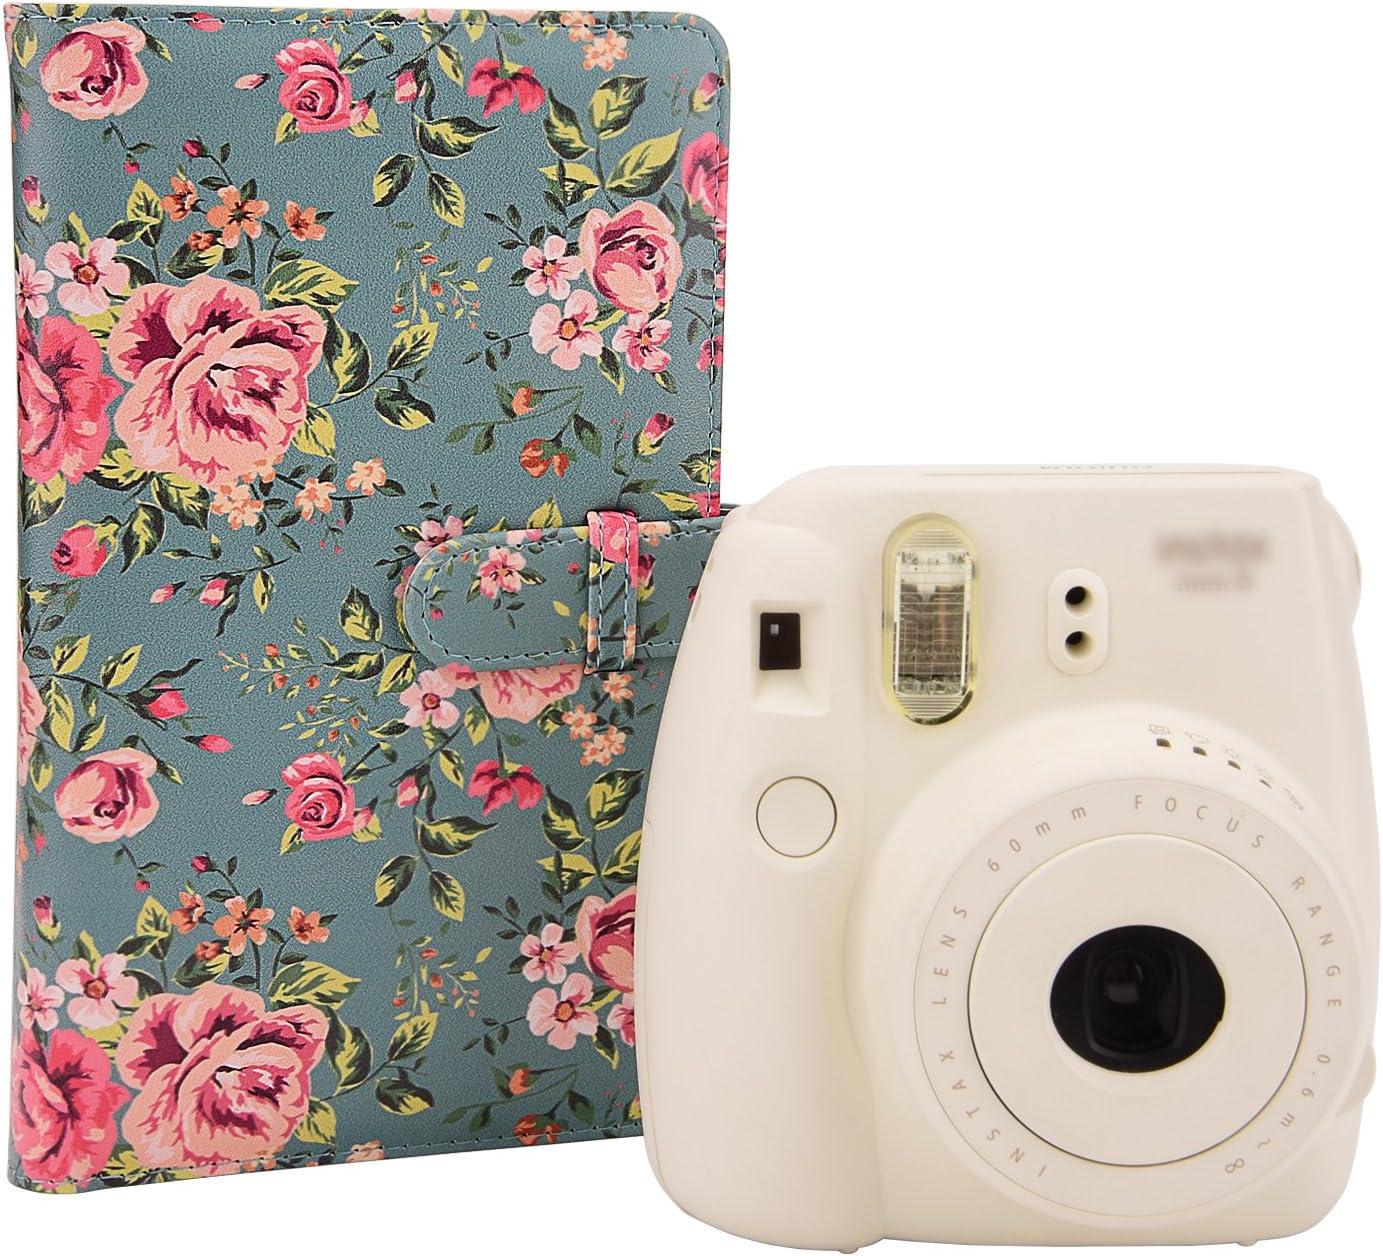 Sunmns Album photo en cuir synth/étique pour Fujifilm Instax Mini 9/8/90/8/ Papier photo Polaroid Snap Zip Z2300/PIC-300 Pellicule appareil instantan/é 26/7S